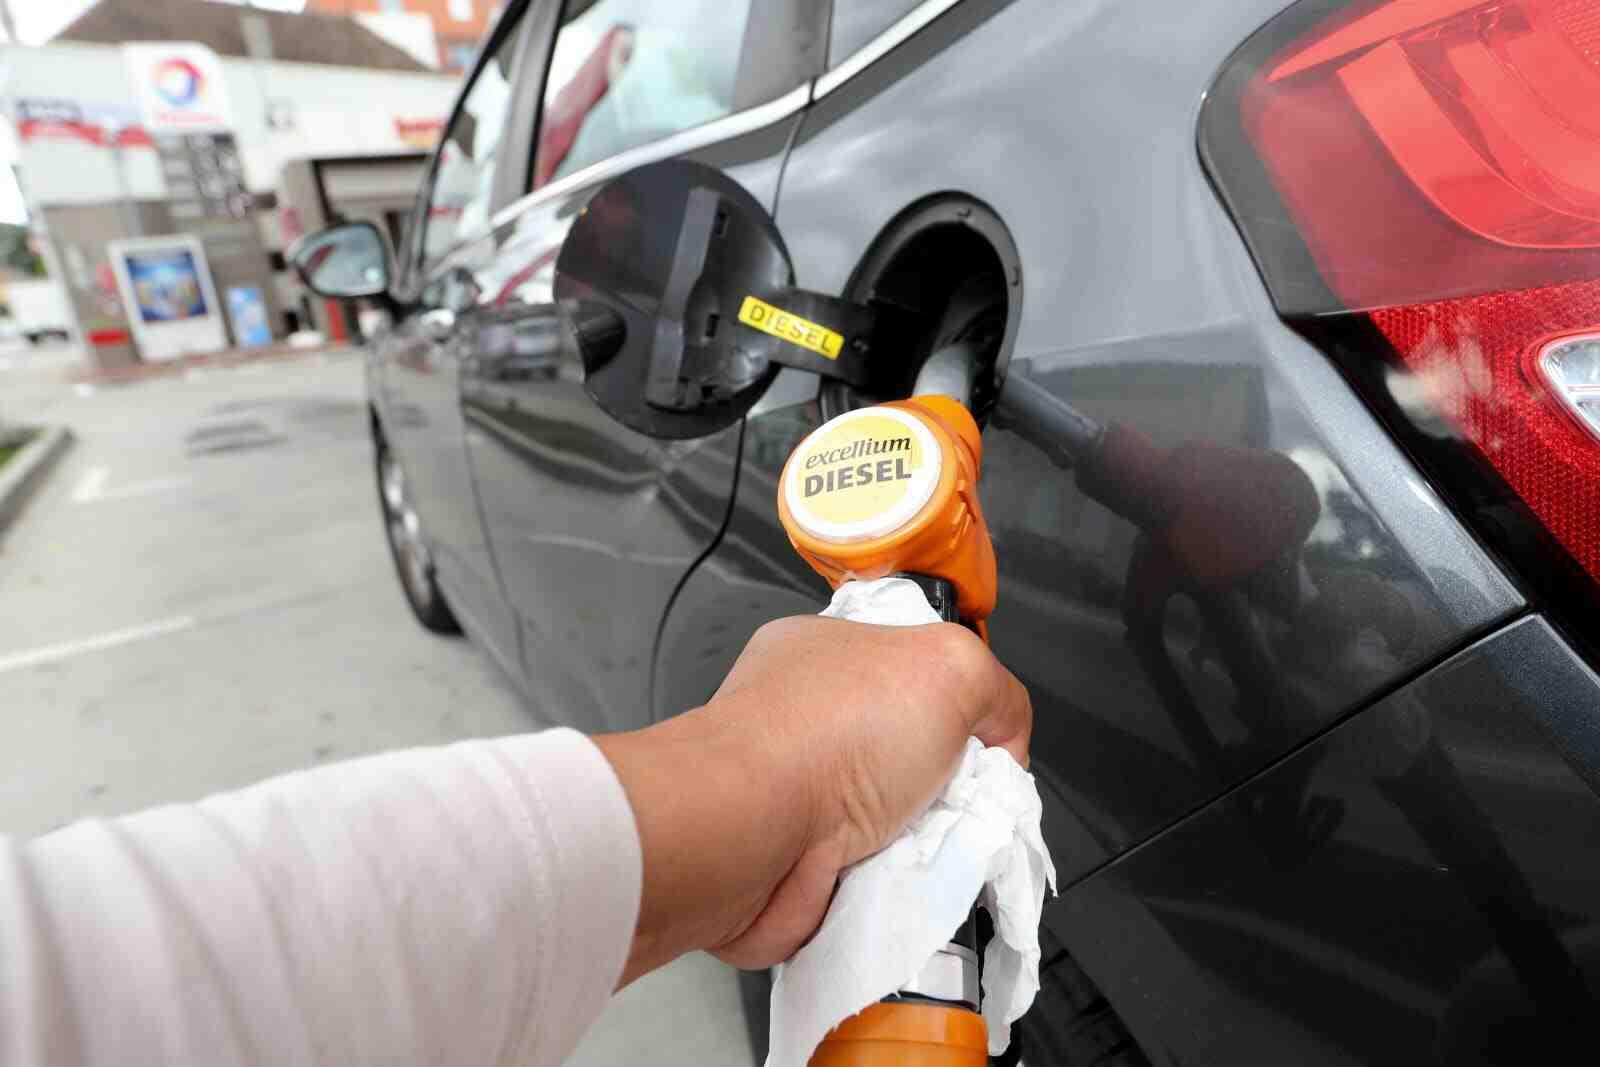 Achetez-vous toujours du diesel?